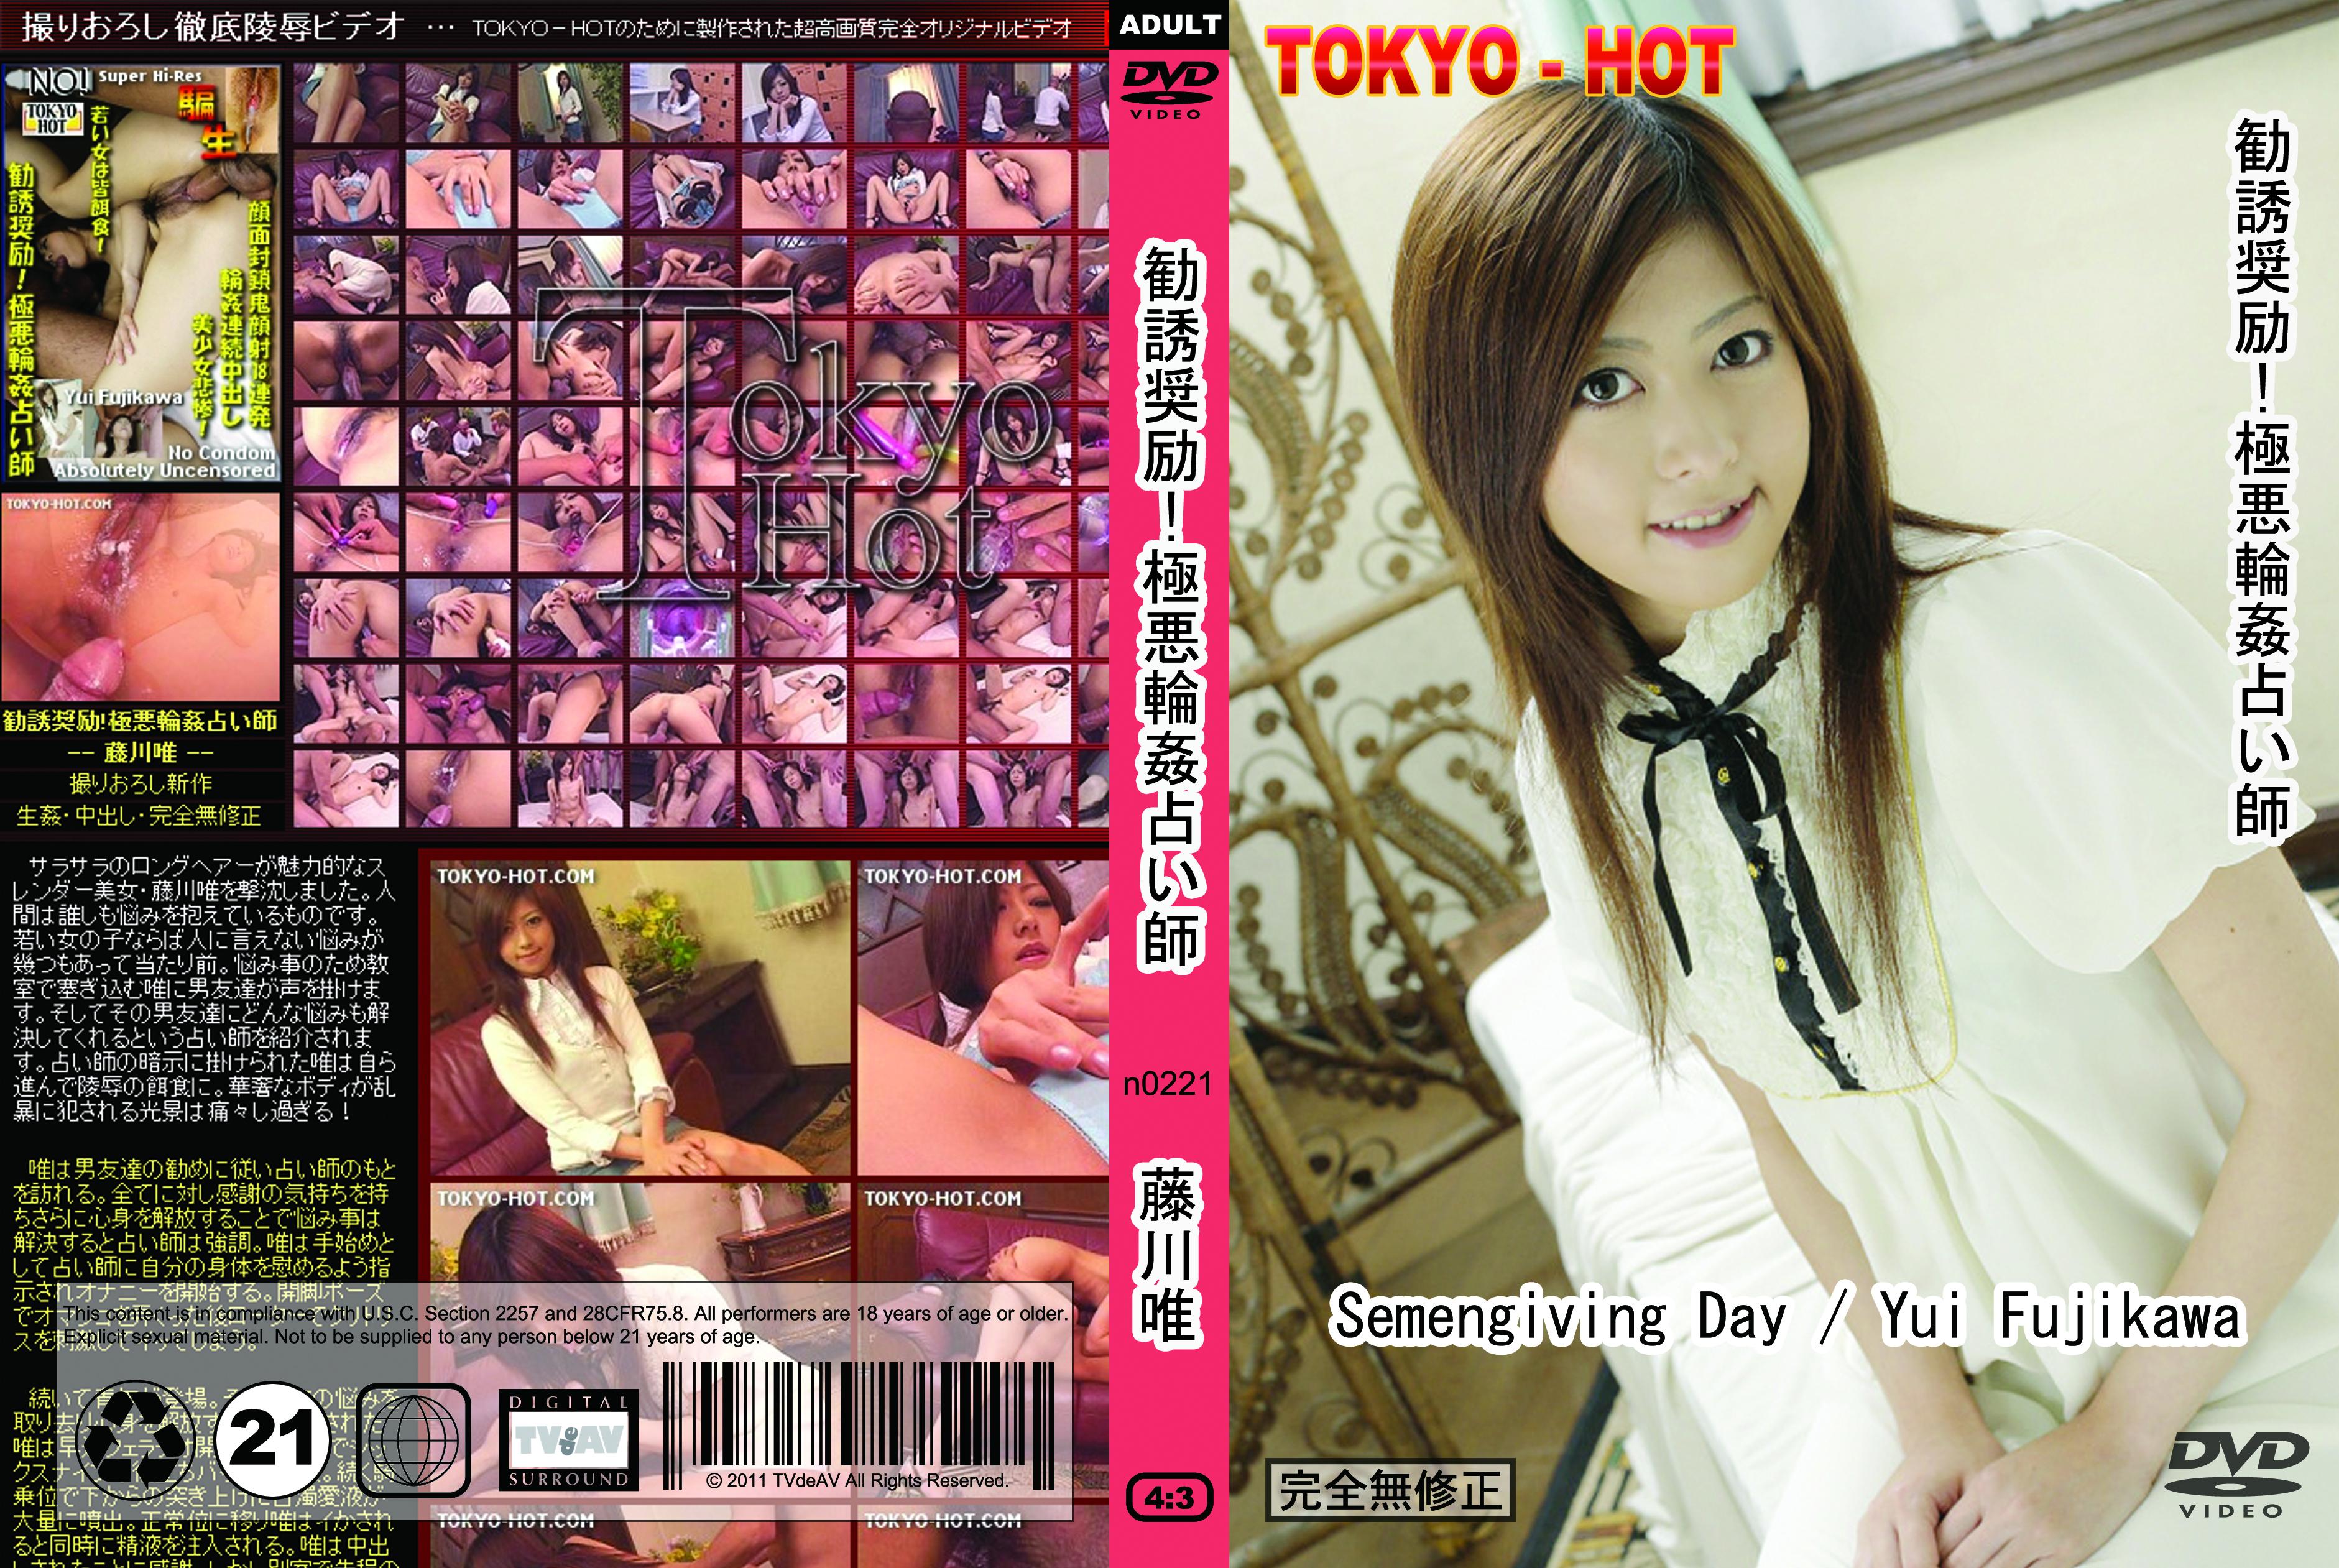 柴山ゆかり tokyohot http://my.cdn.tokyo-hot.com/media/samples/5218.mp4